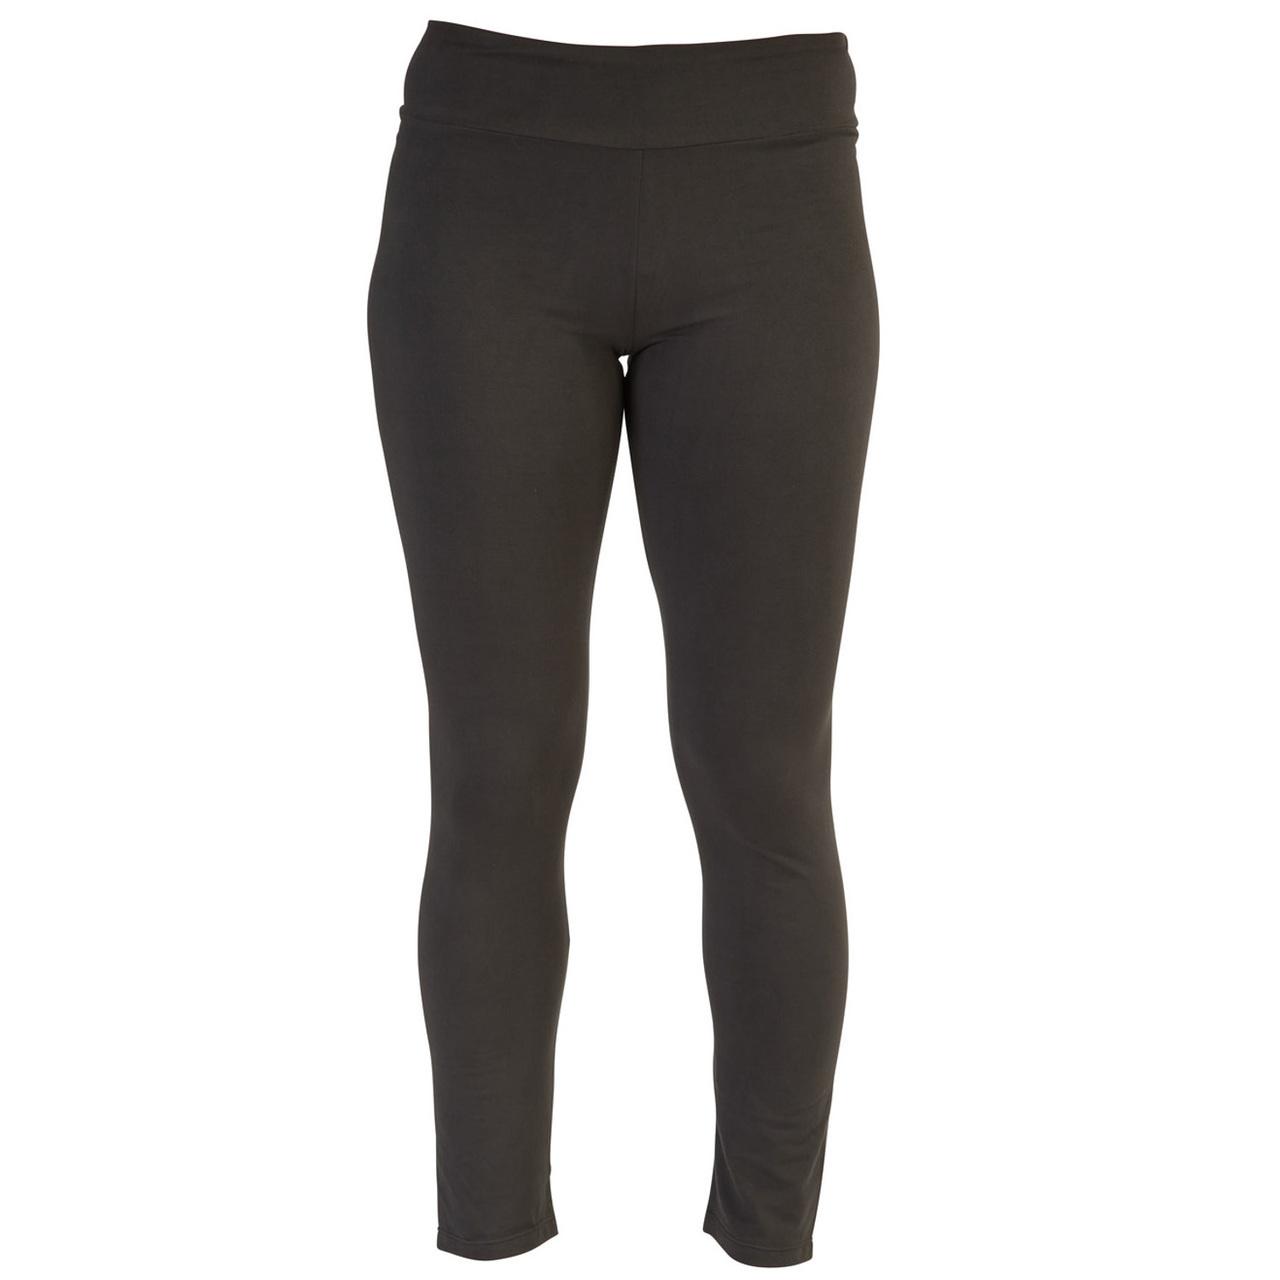 Go2 Legging - Black - Medium